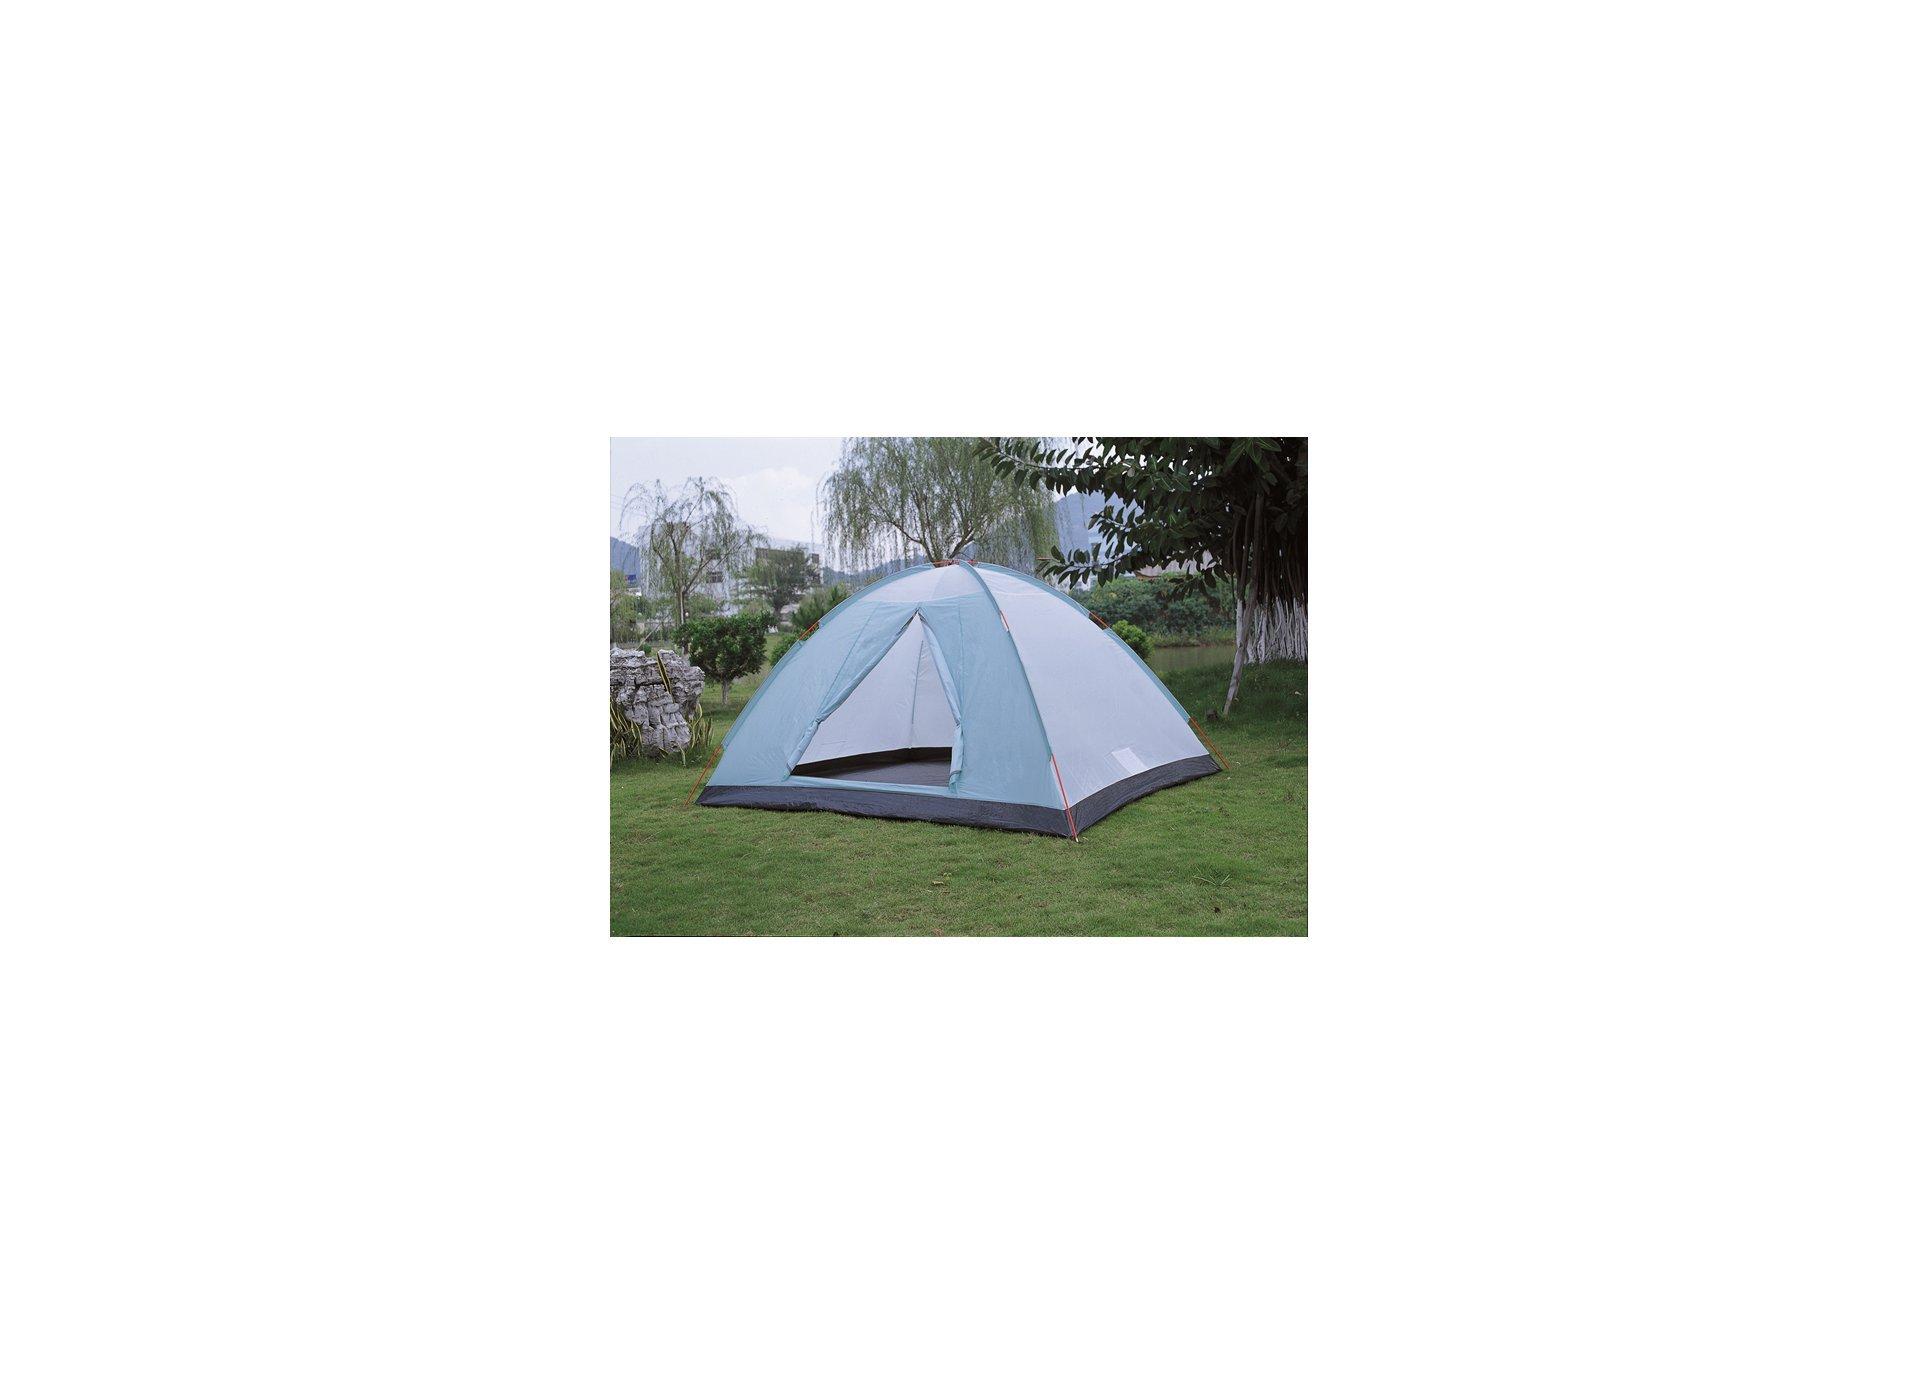 Barraca Para Camping Fox 5/6 Ntk Até 6 Pessoas Com 1800 Mm De Coluna D'água Fácil De Armar